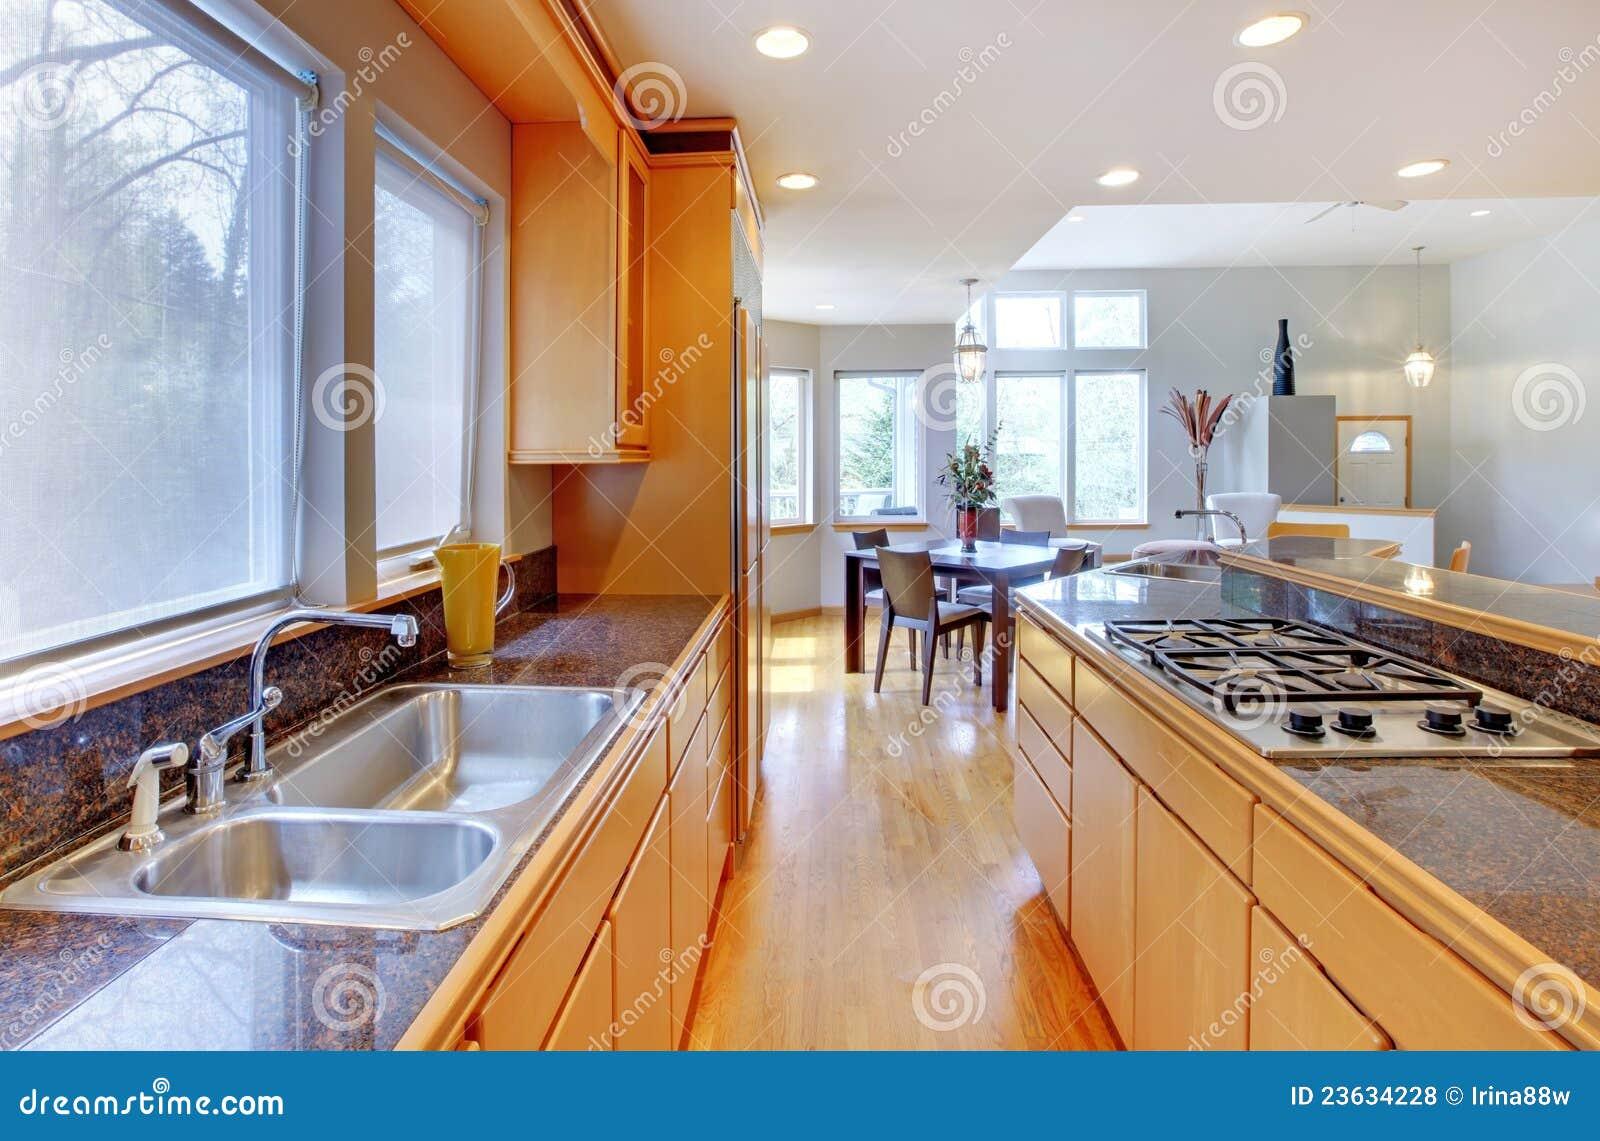 Cocina de madera moderna de lujo grande fotos de archivo for Fotos de cocinas de madera modernas